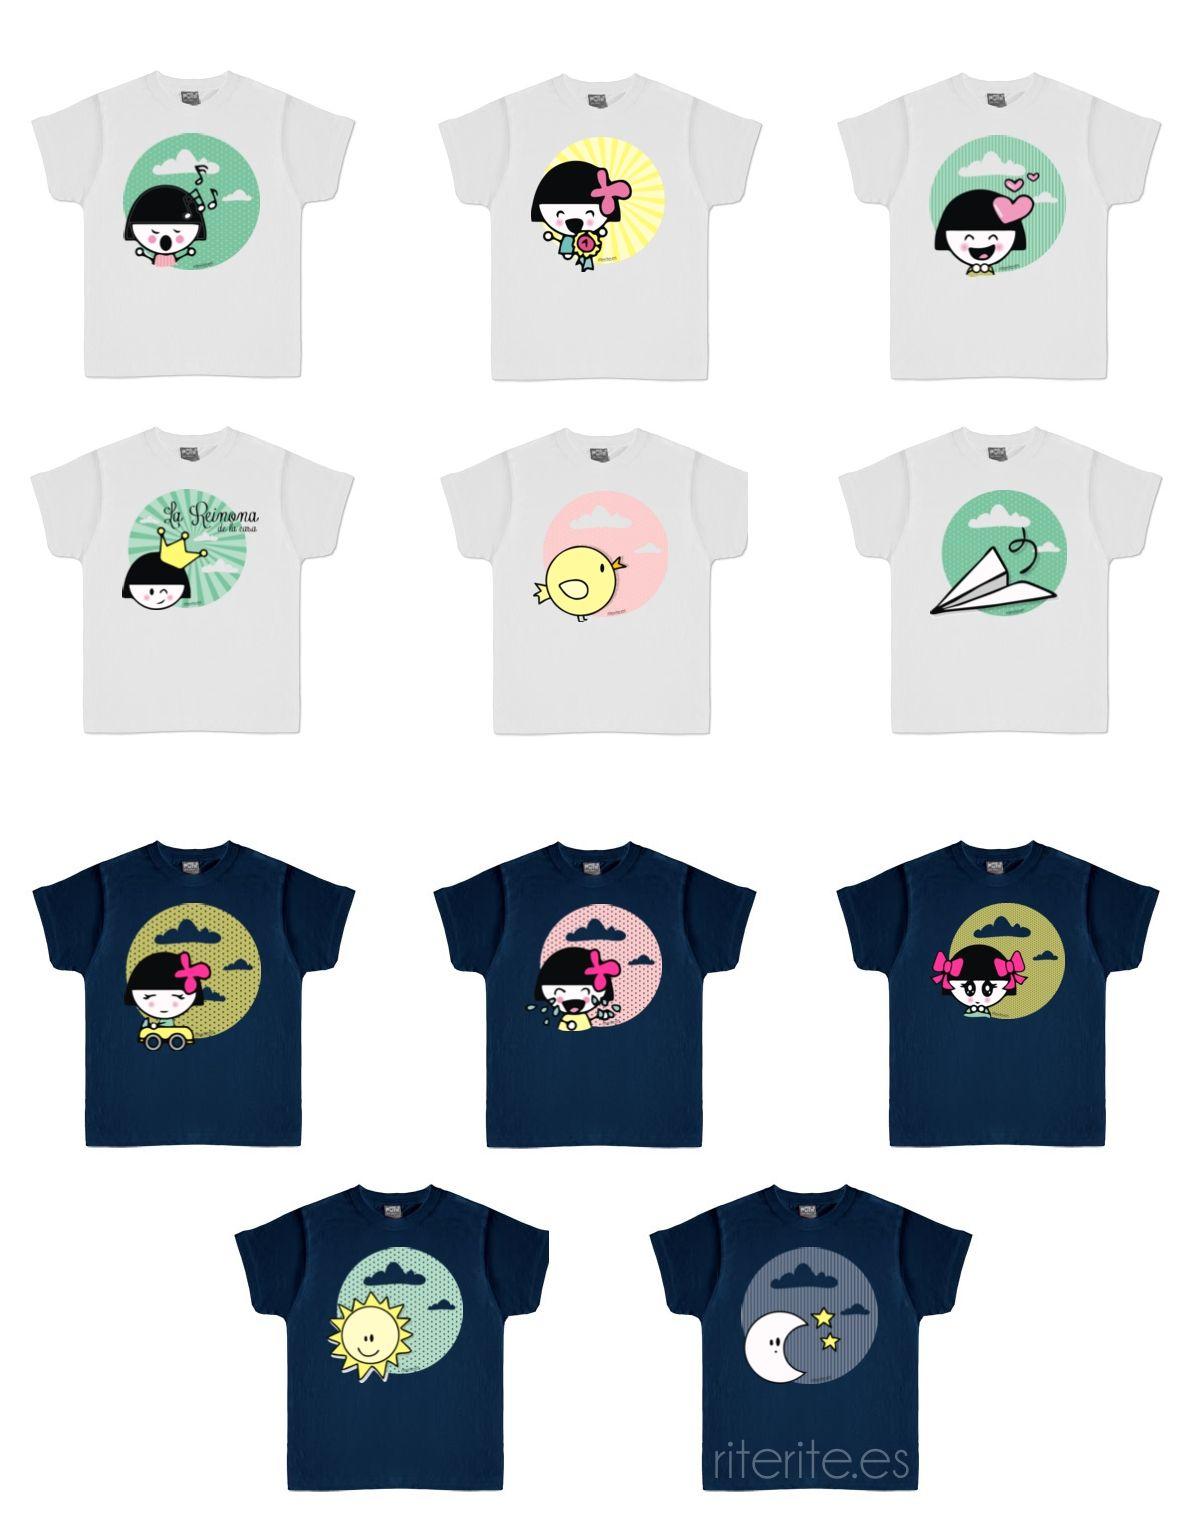 Rite Rite: Colección camisetas niños en Rite Rite. Ilustración infantil. Moda infantil